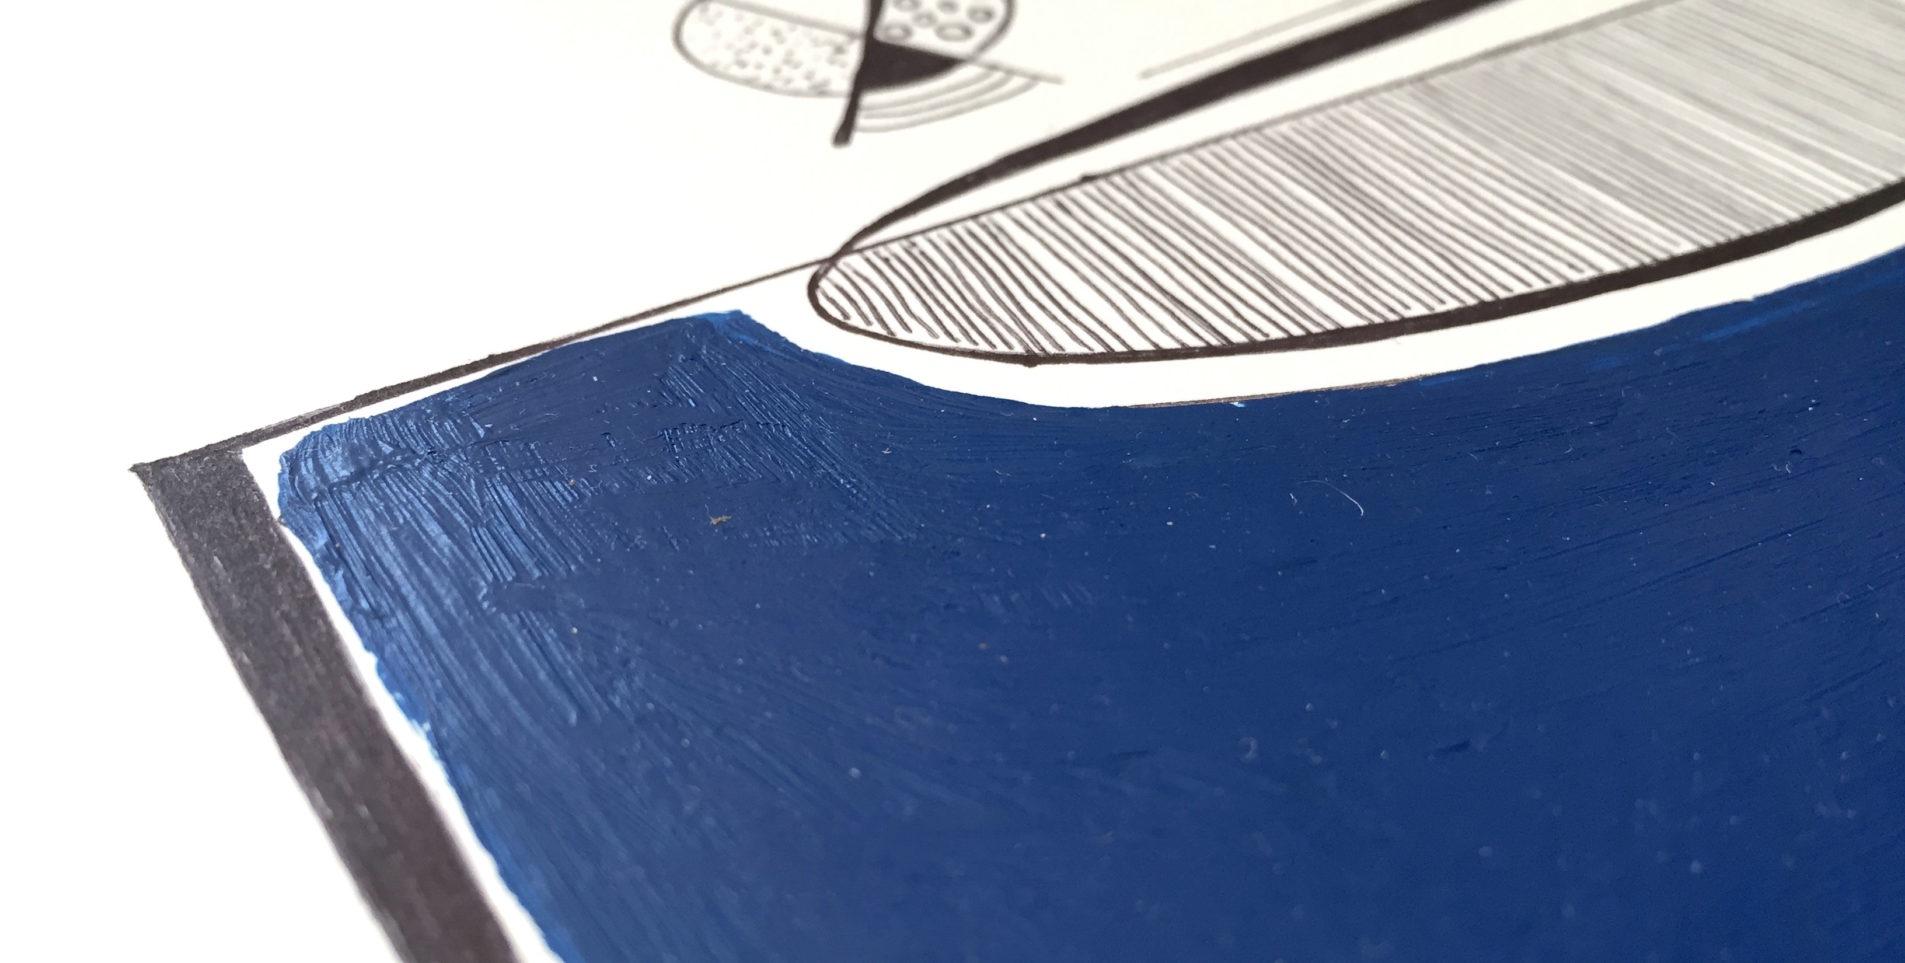 Détail du dessin fait au stylo noir et peinture bleue